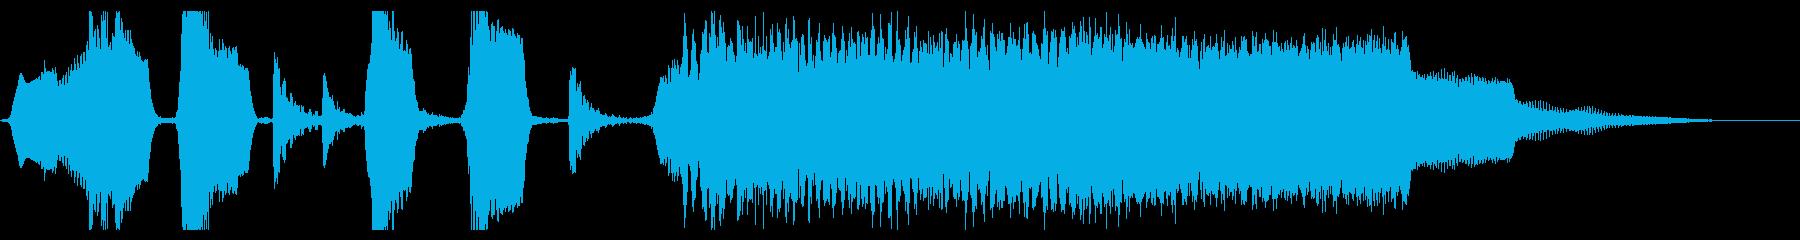 リコーダーや鍵盤の明るく短いジングルの再生済みの波形